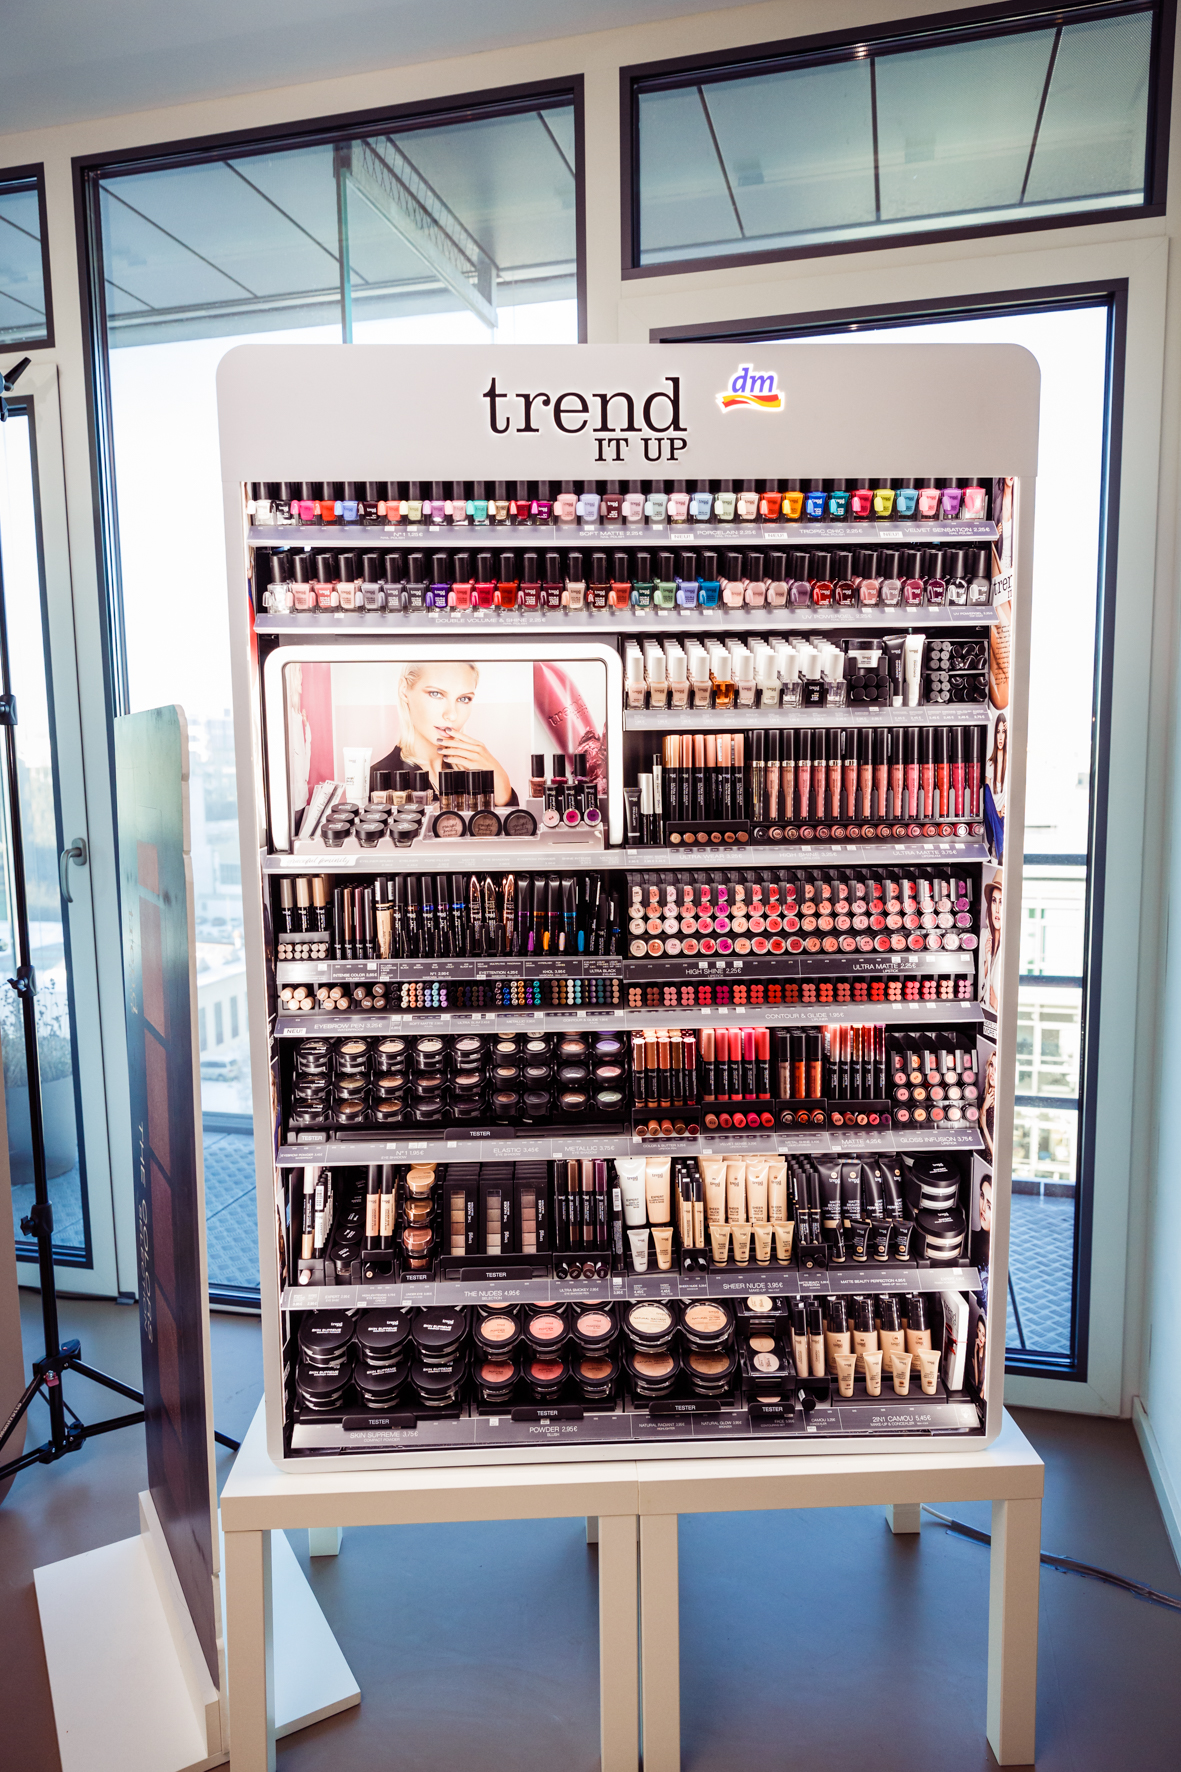 dm-trend-it-up-neuheiten-beauty-make-up-muc_067